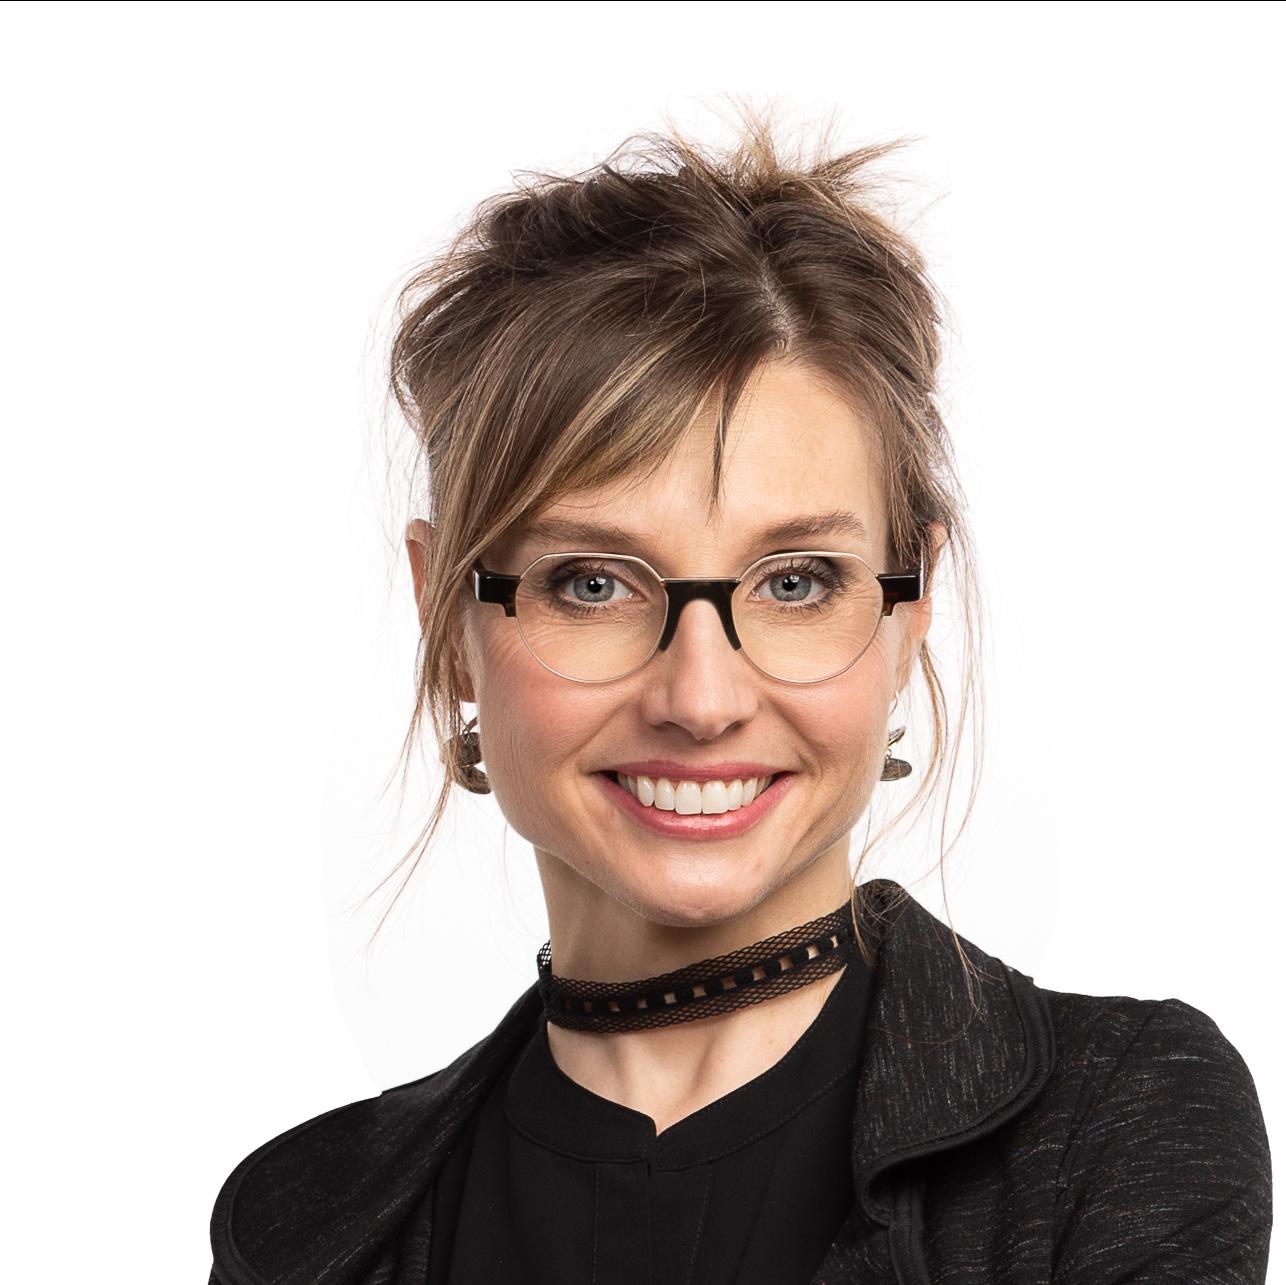 Karen Bergeron